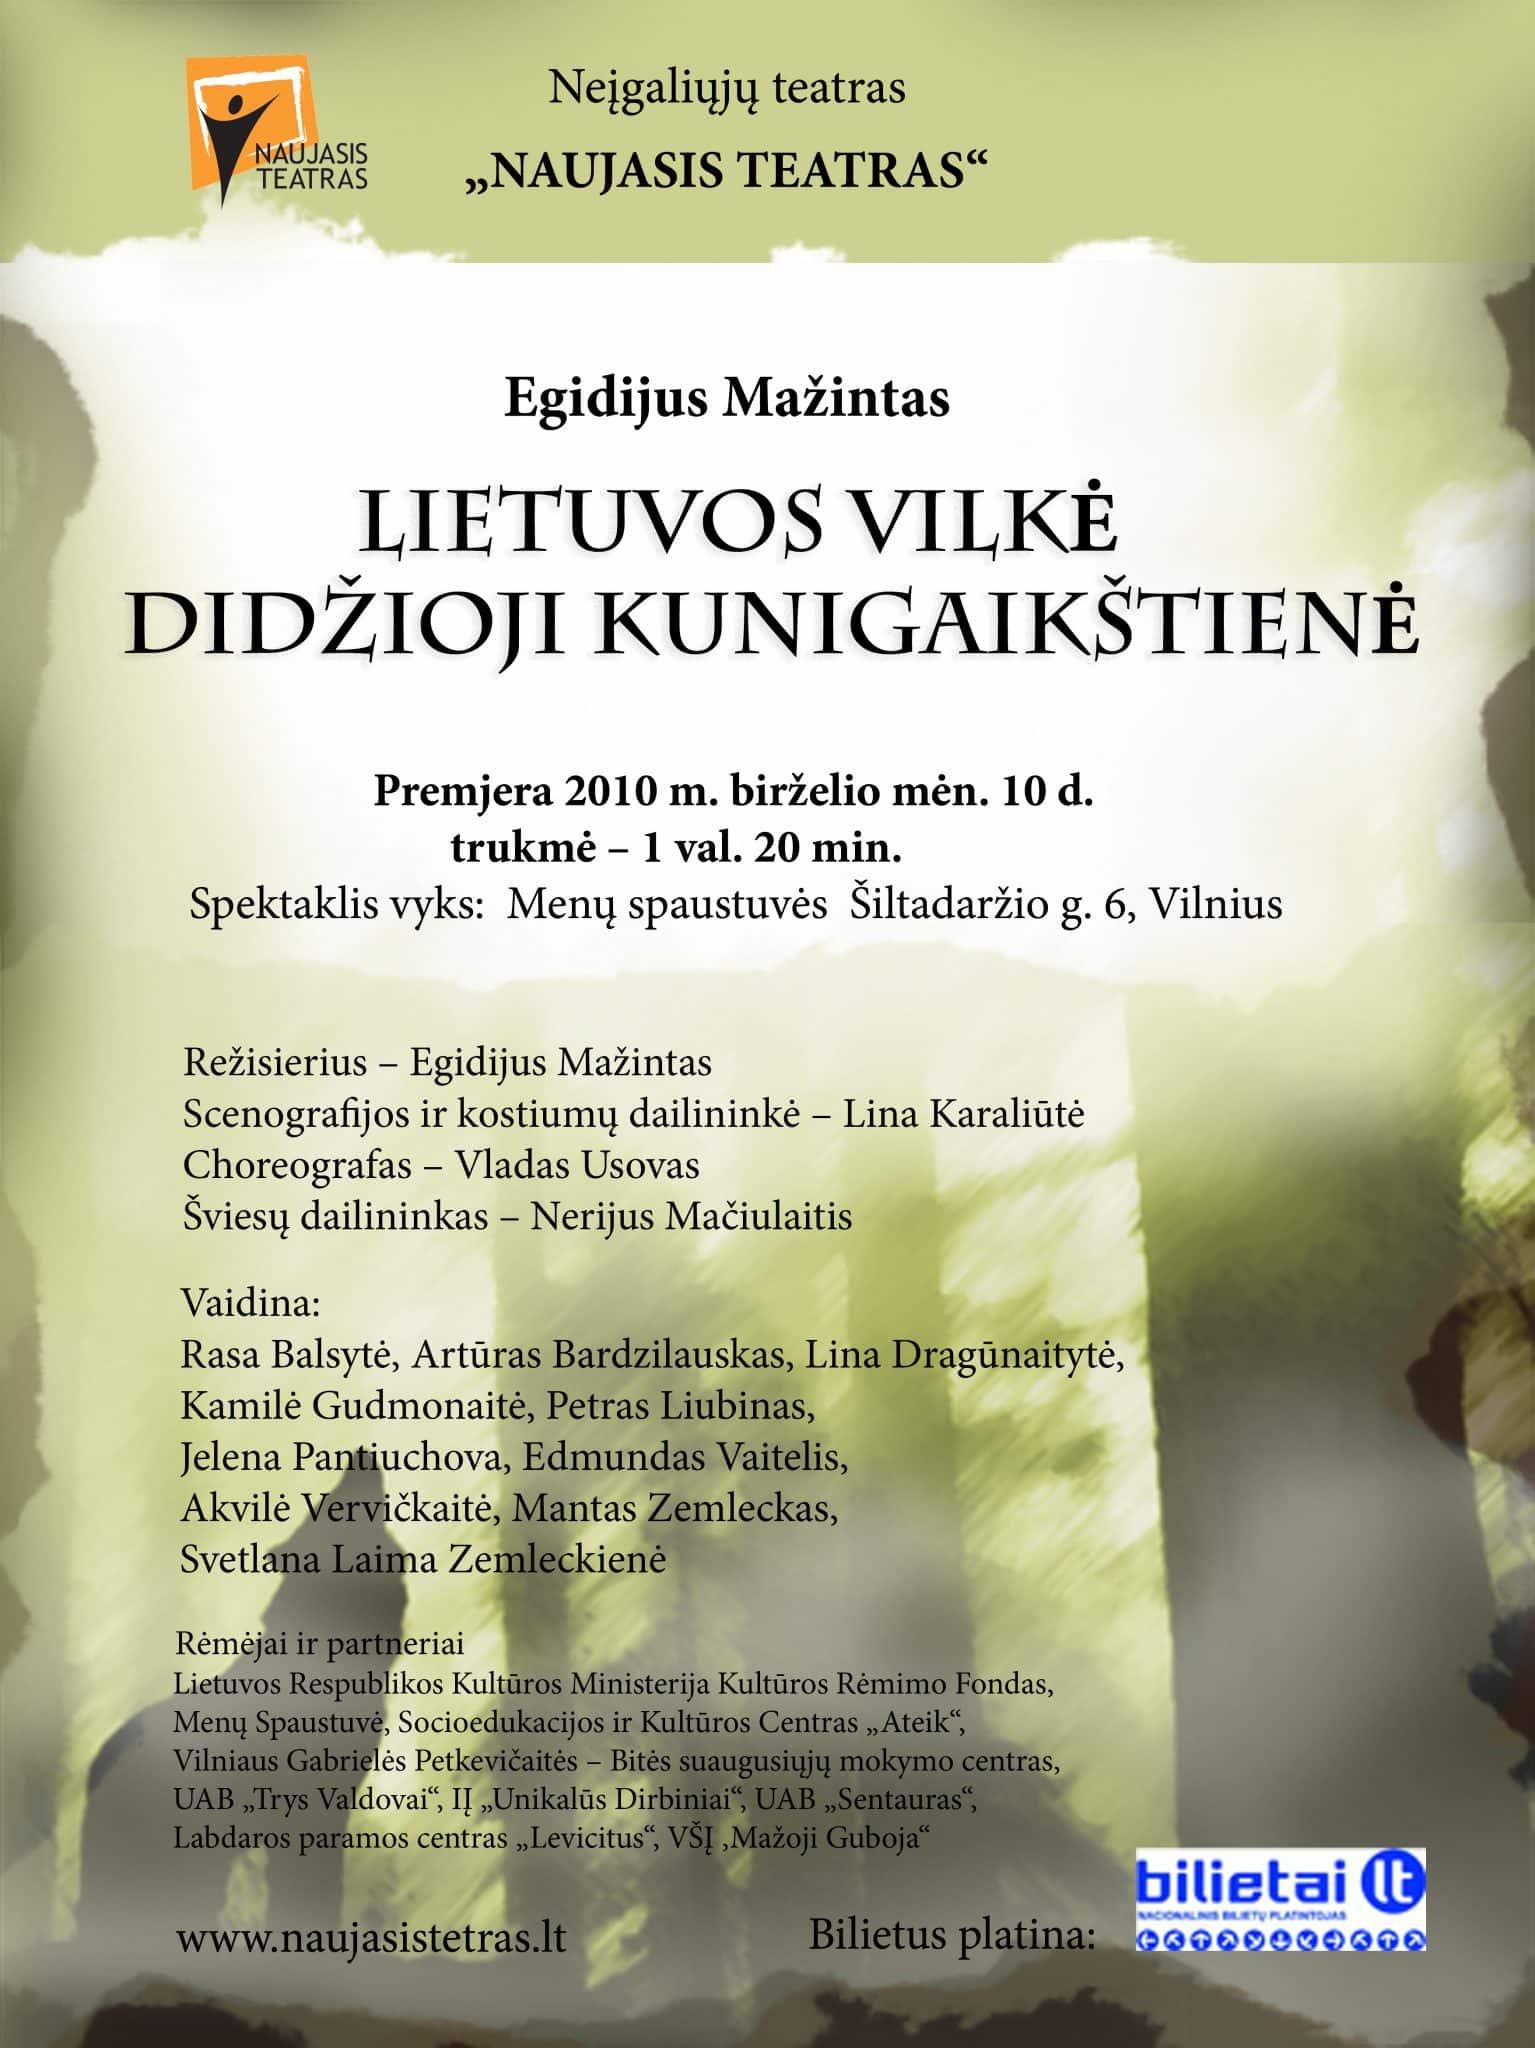 Lietuvos vilke - Didzioji Kunigaikstiene - plakatas